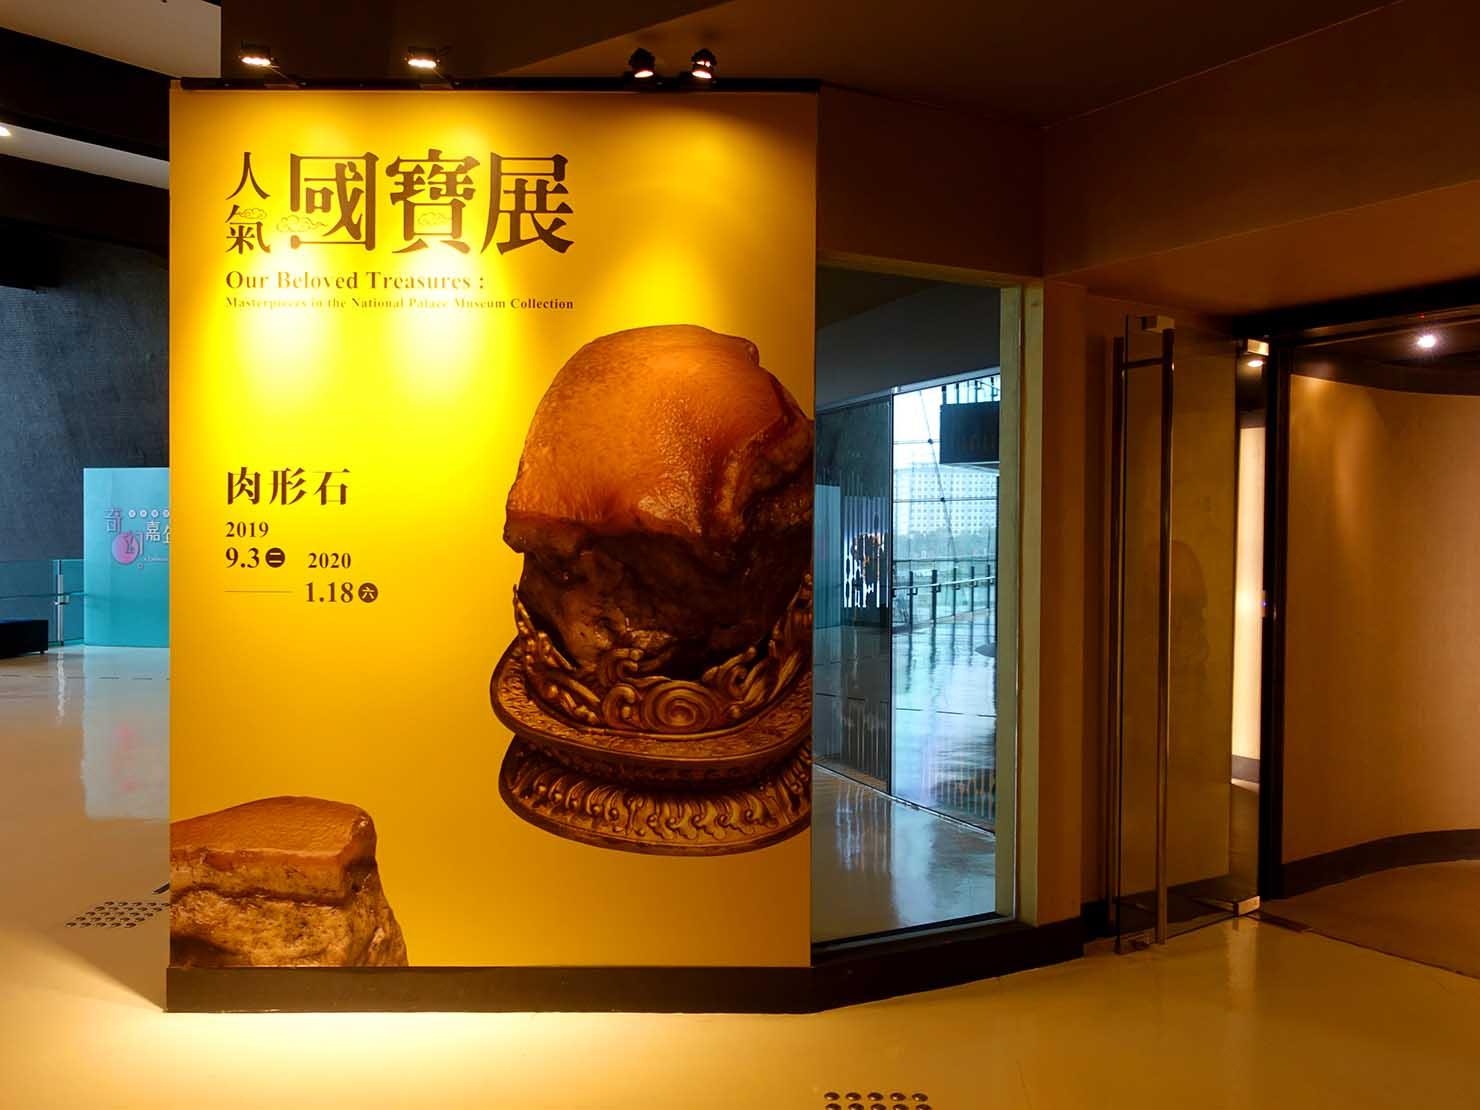 嘉義のおすすめ観光スポット「故宮南院」の肉形石展示スペース